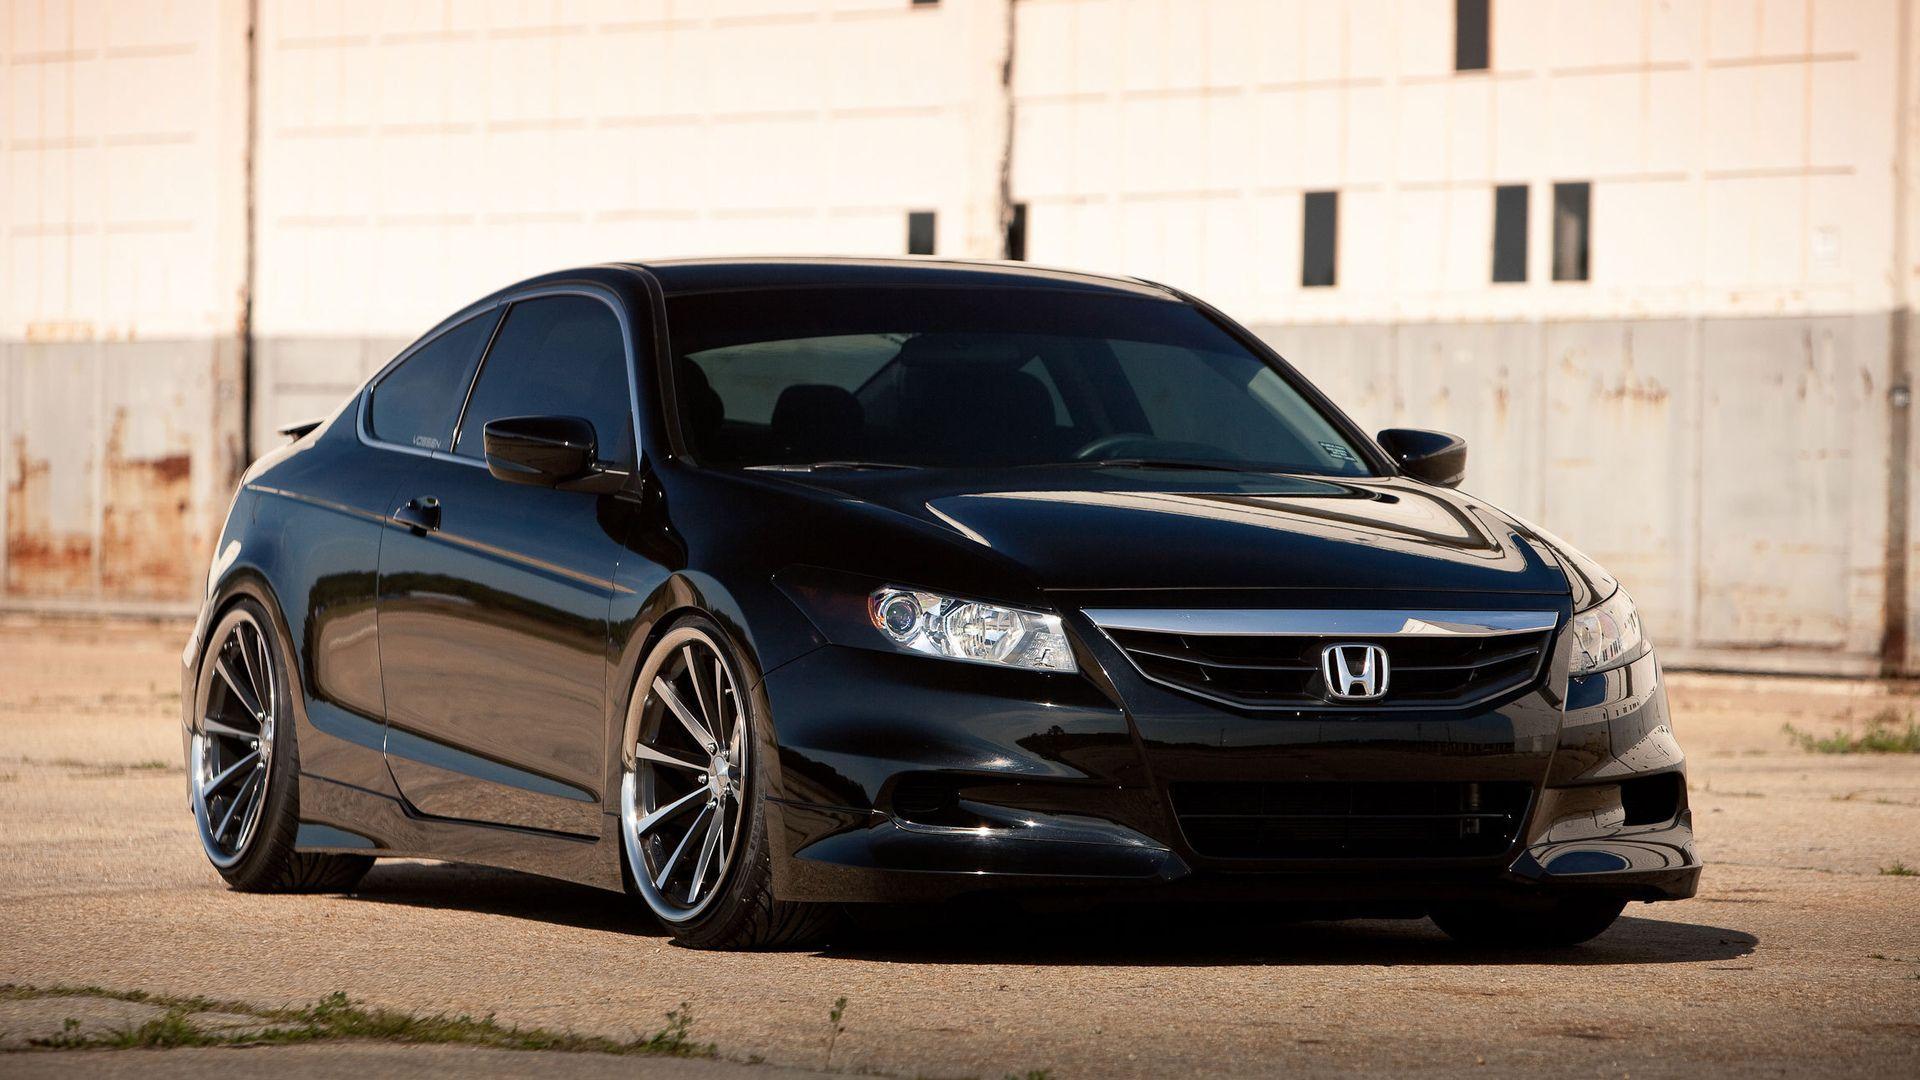 Honda Accord desktop image